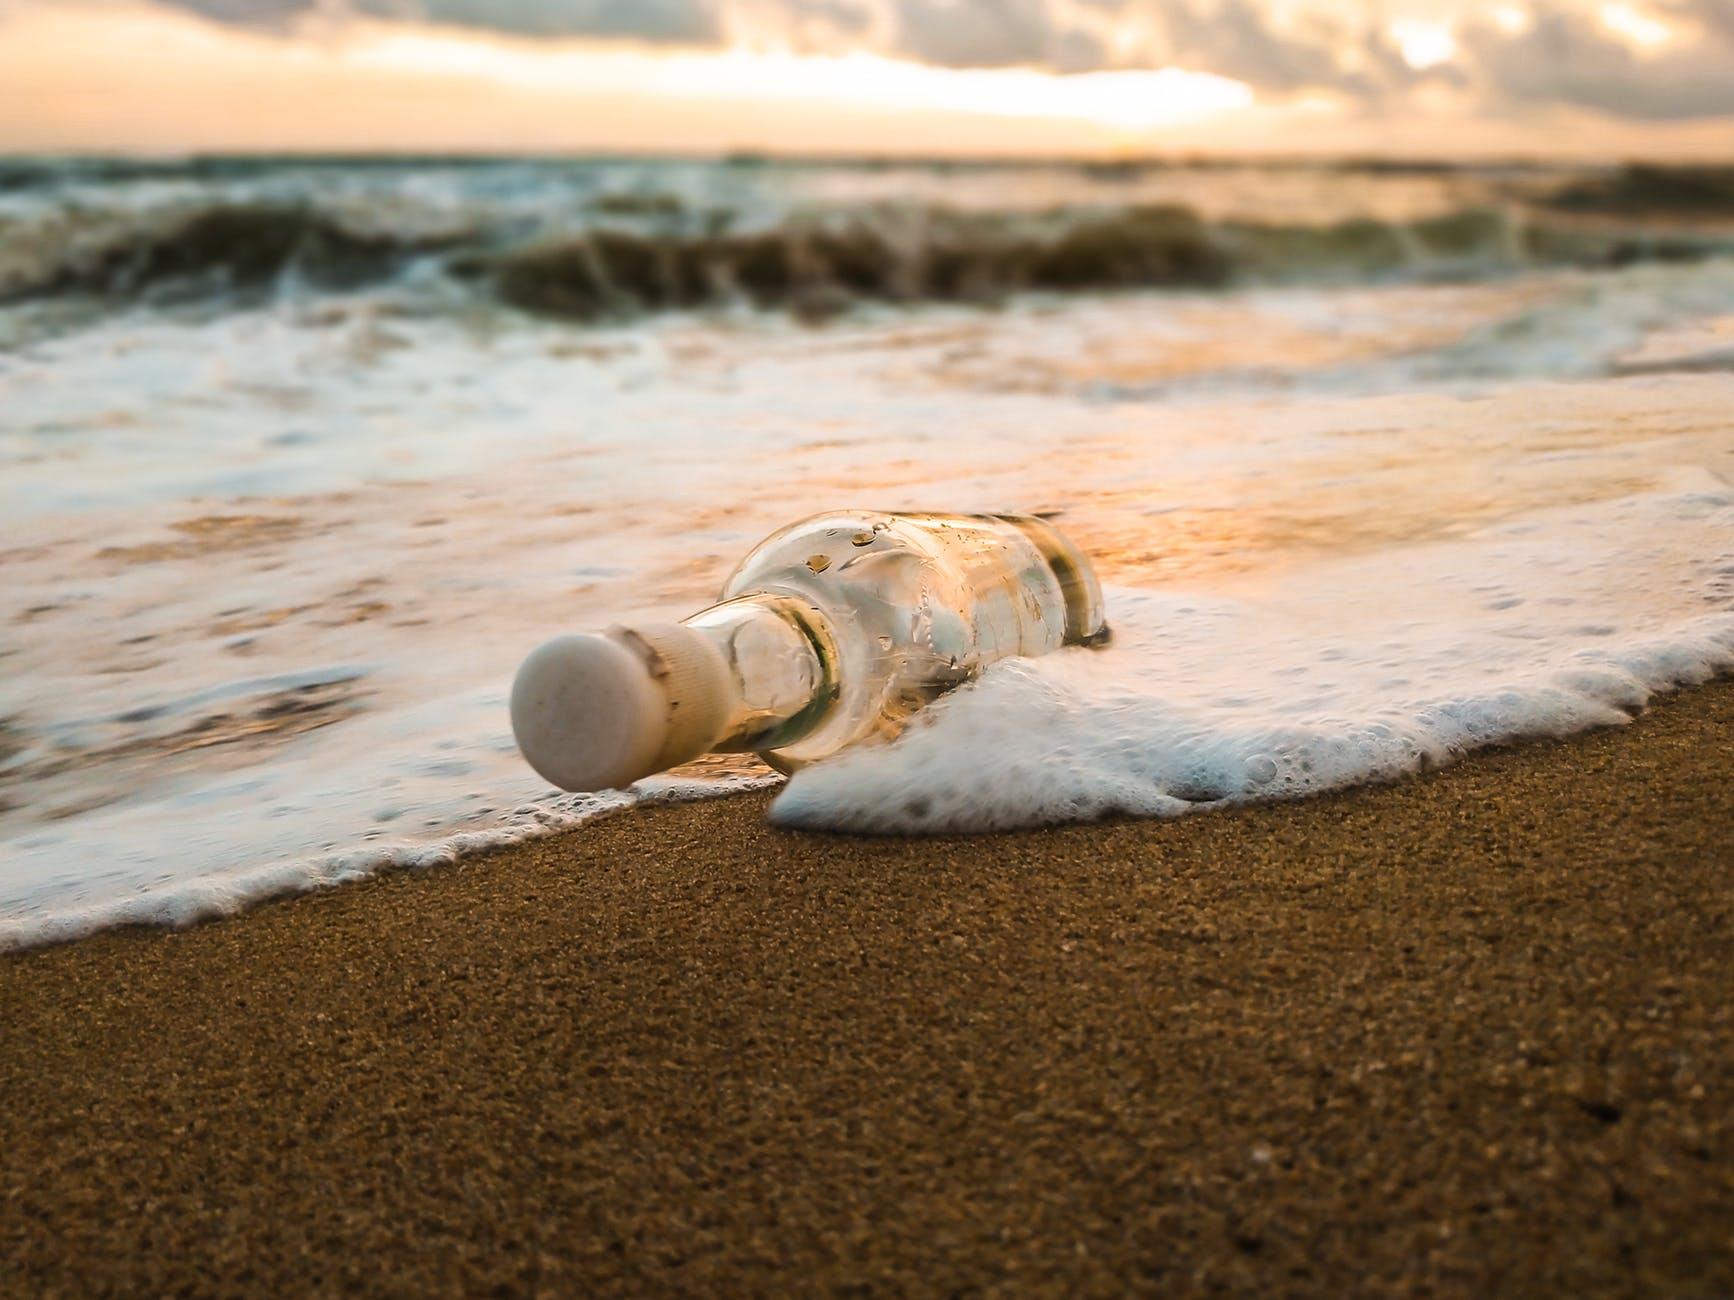 glass bottle on empty sandy beach